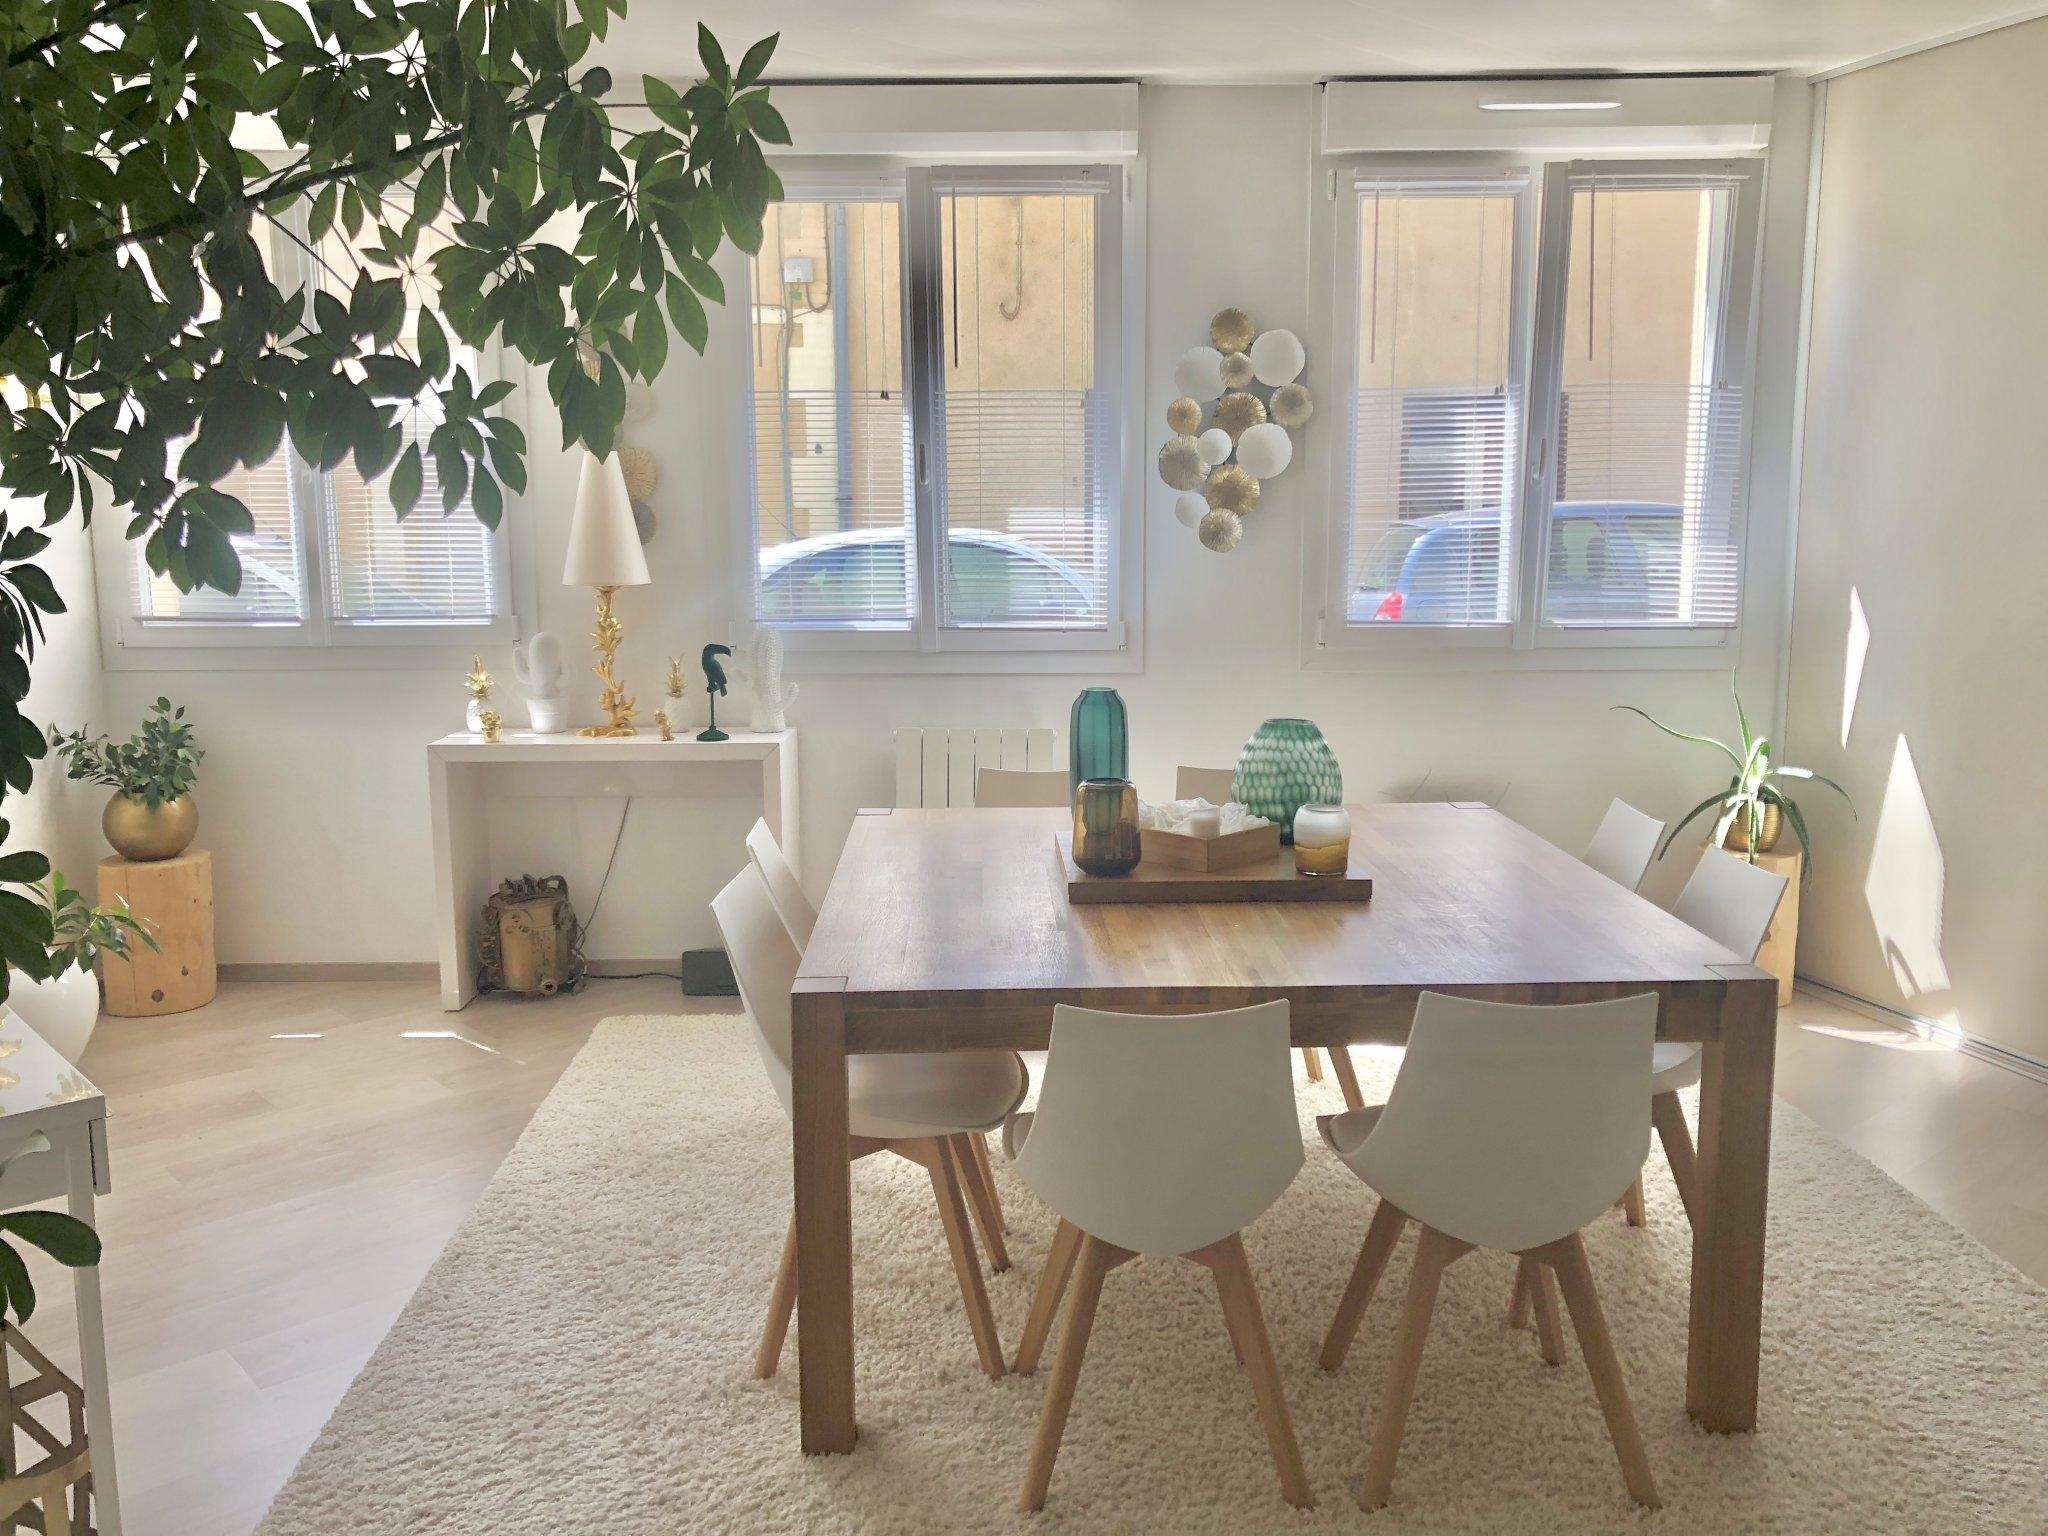 Appartement Reims 5 Pièces 179 m2 - 4